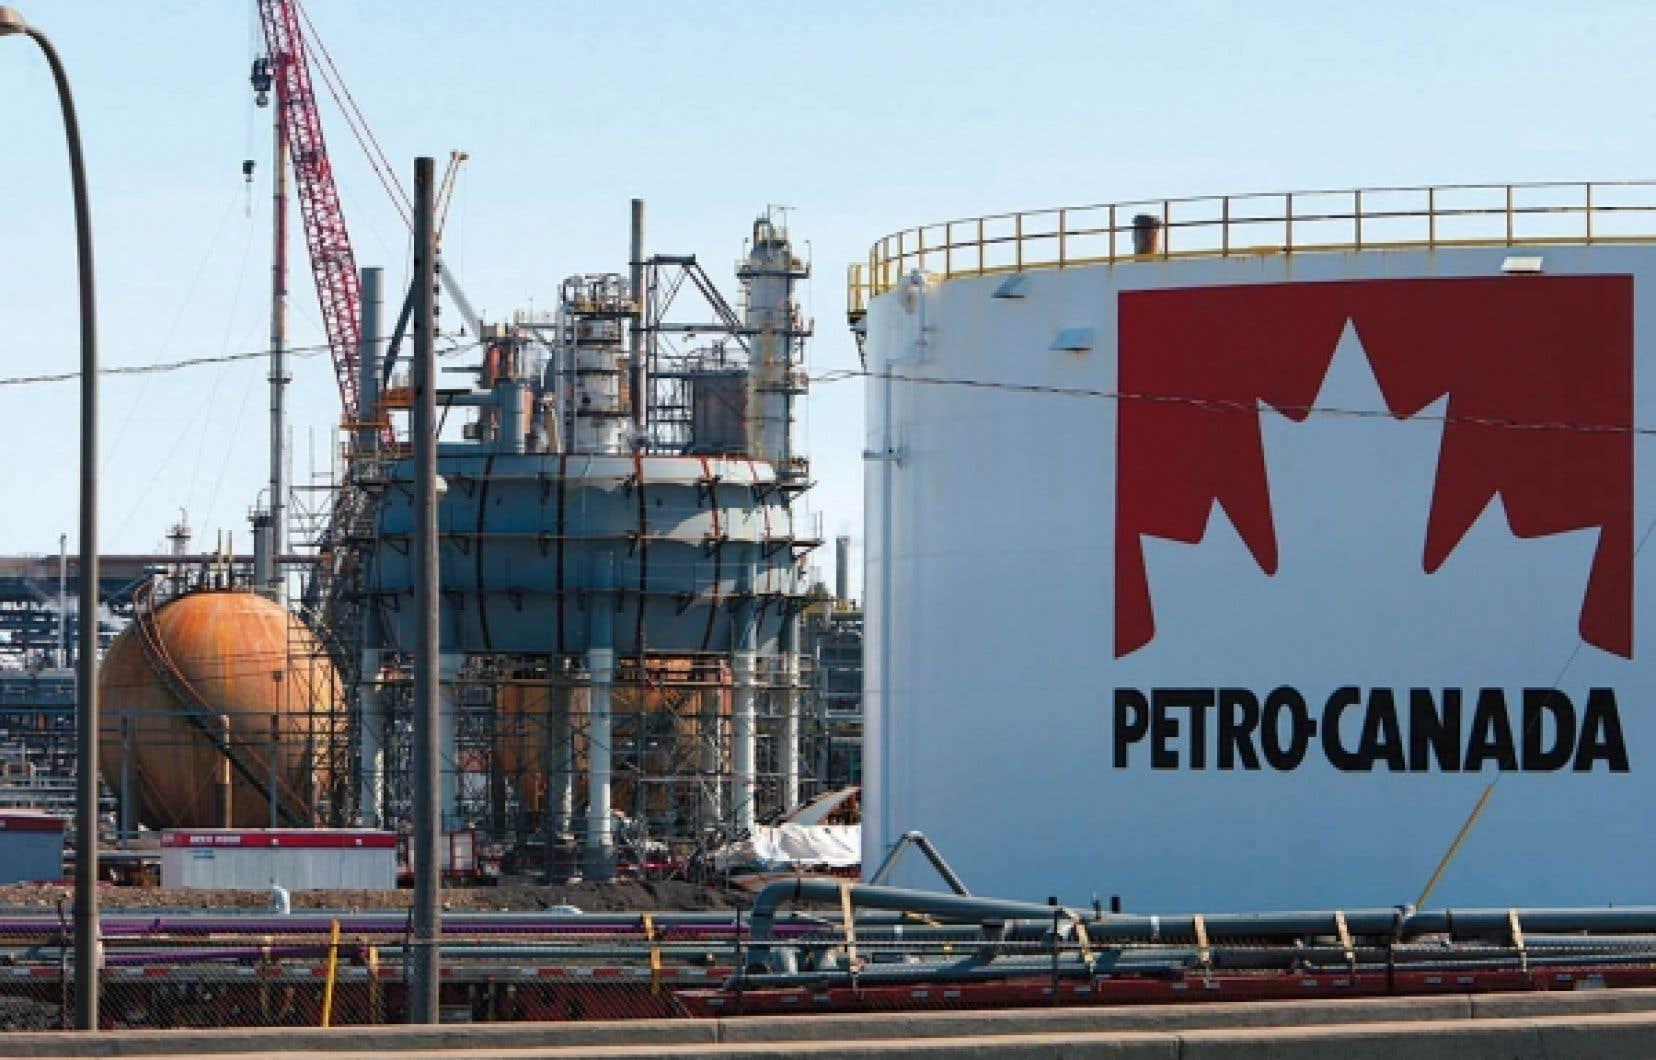 Sur la glace depuis plusieurs années, d'abord en raison d'un gros conflit de travail à l'époque où la raffinerie appartenait à Petro-Canada, ensuite en raison de l'achat de Petro-Canada par Suncor, le projet permettrait à l'établissement d'utiliser les sous-produits du pétrole lourd pour produire de l'essence, du diesel ou du mazout.